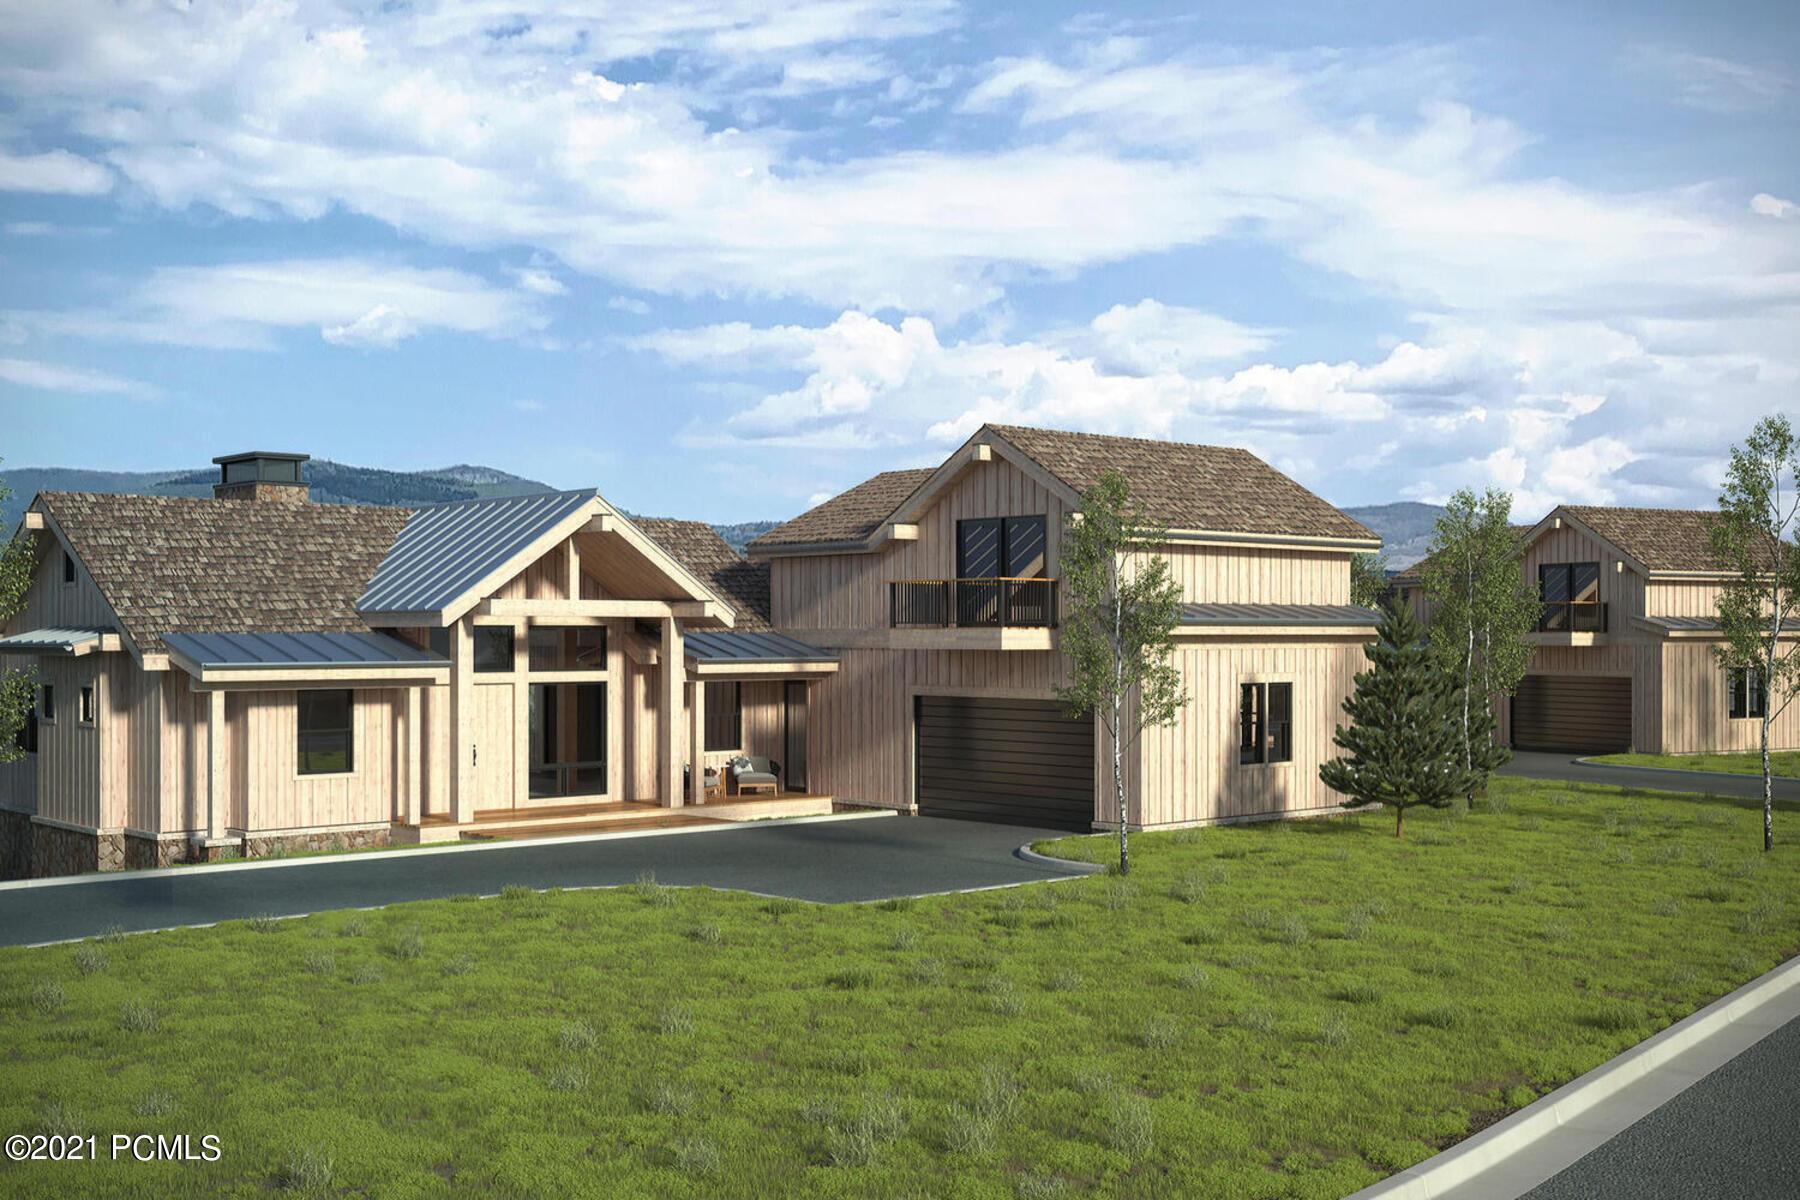 7615 Stardust Court, 319c, 5.11, Heber City, Utah 84032, 5 Bedrooms Bedrooms, ,6 BathroomsBathrooms,Fractional Interest,For Sale,Stardust Court, 319c, 5.11,12101024